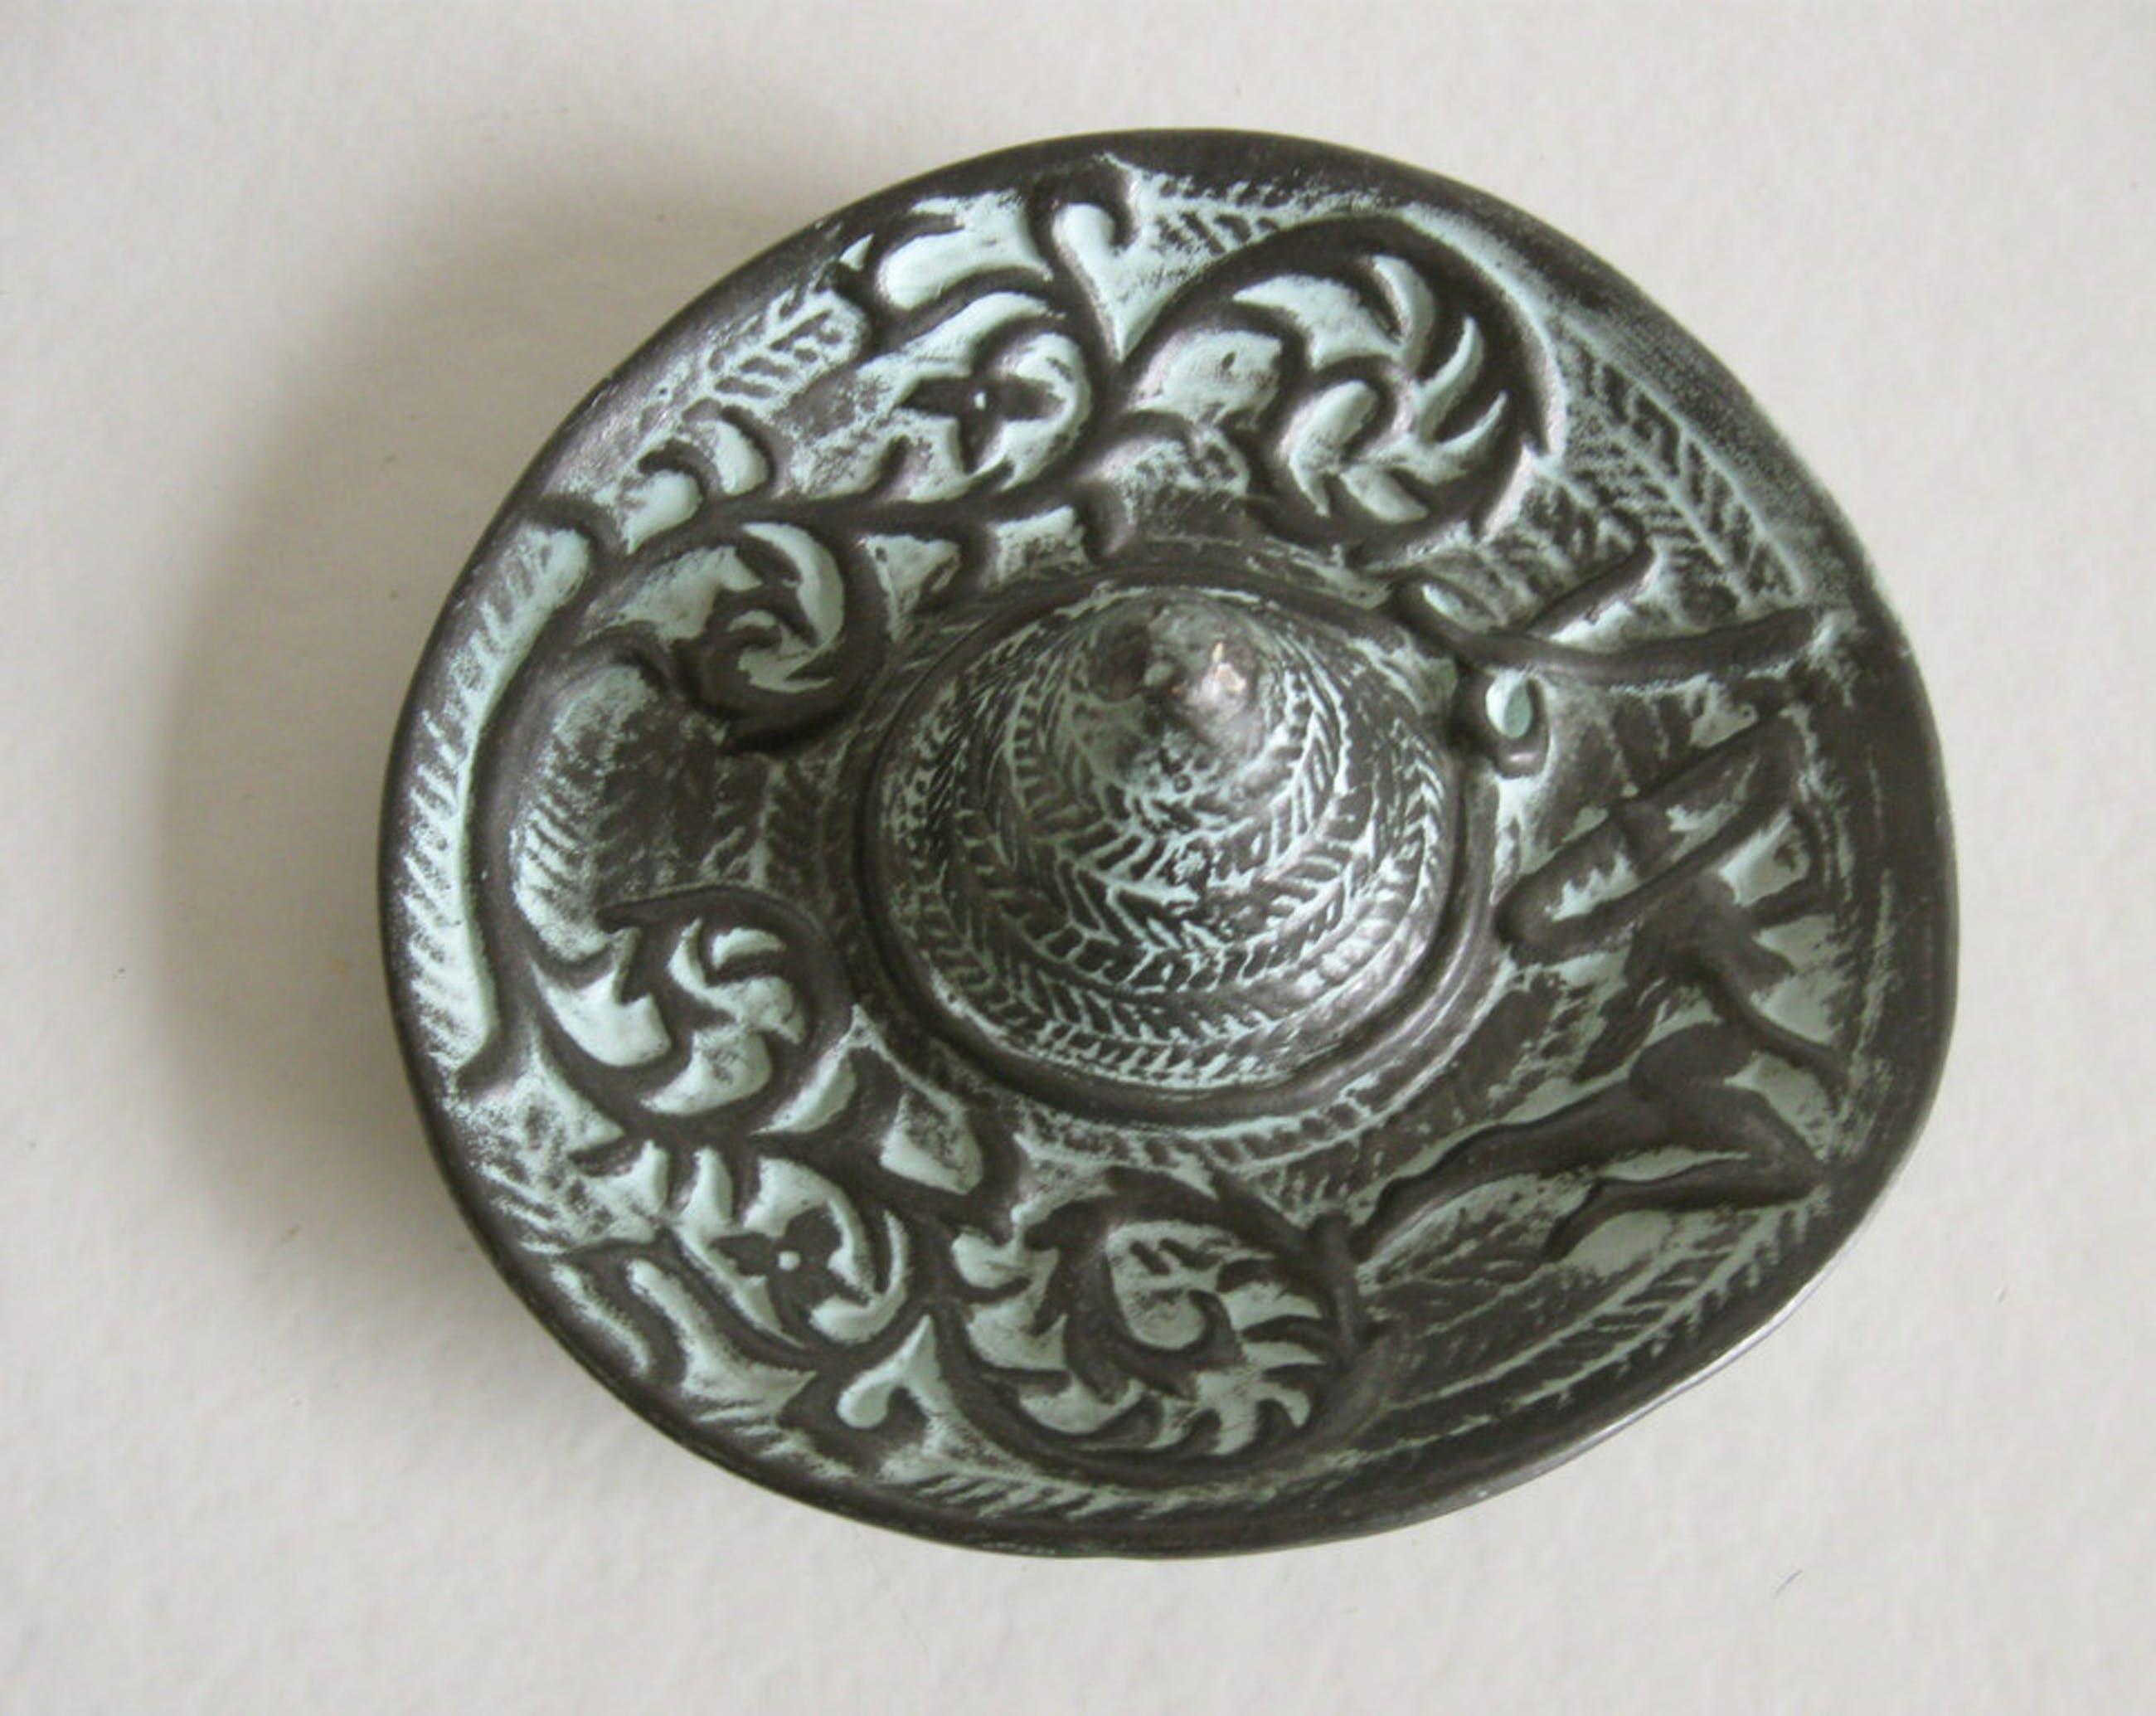 SOMBRERO - Schaaltje met reliefmotief, keramiek kopen? Bied vanaf 1!